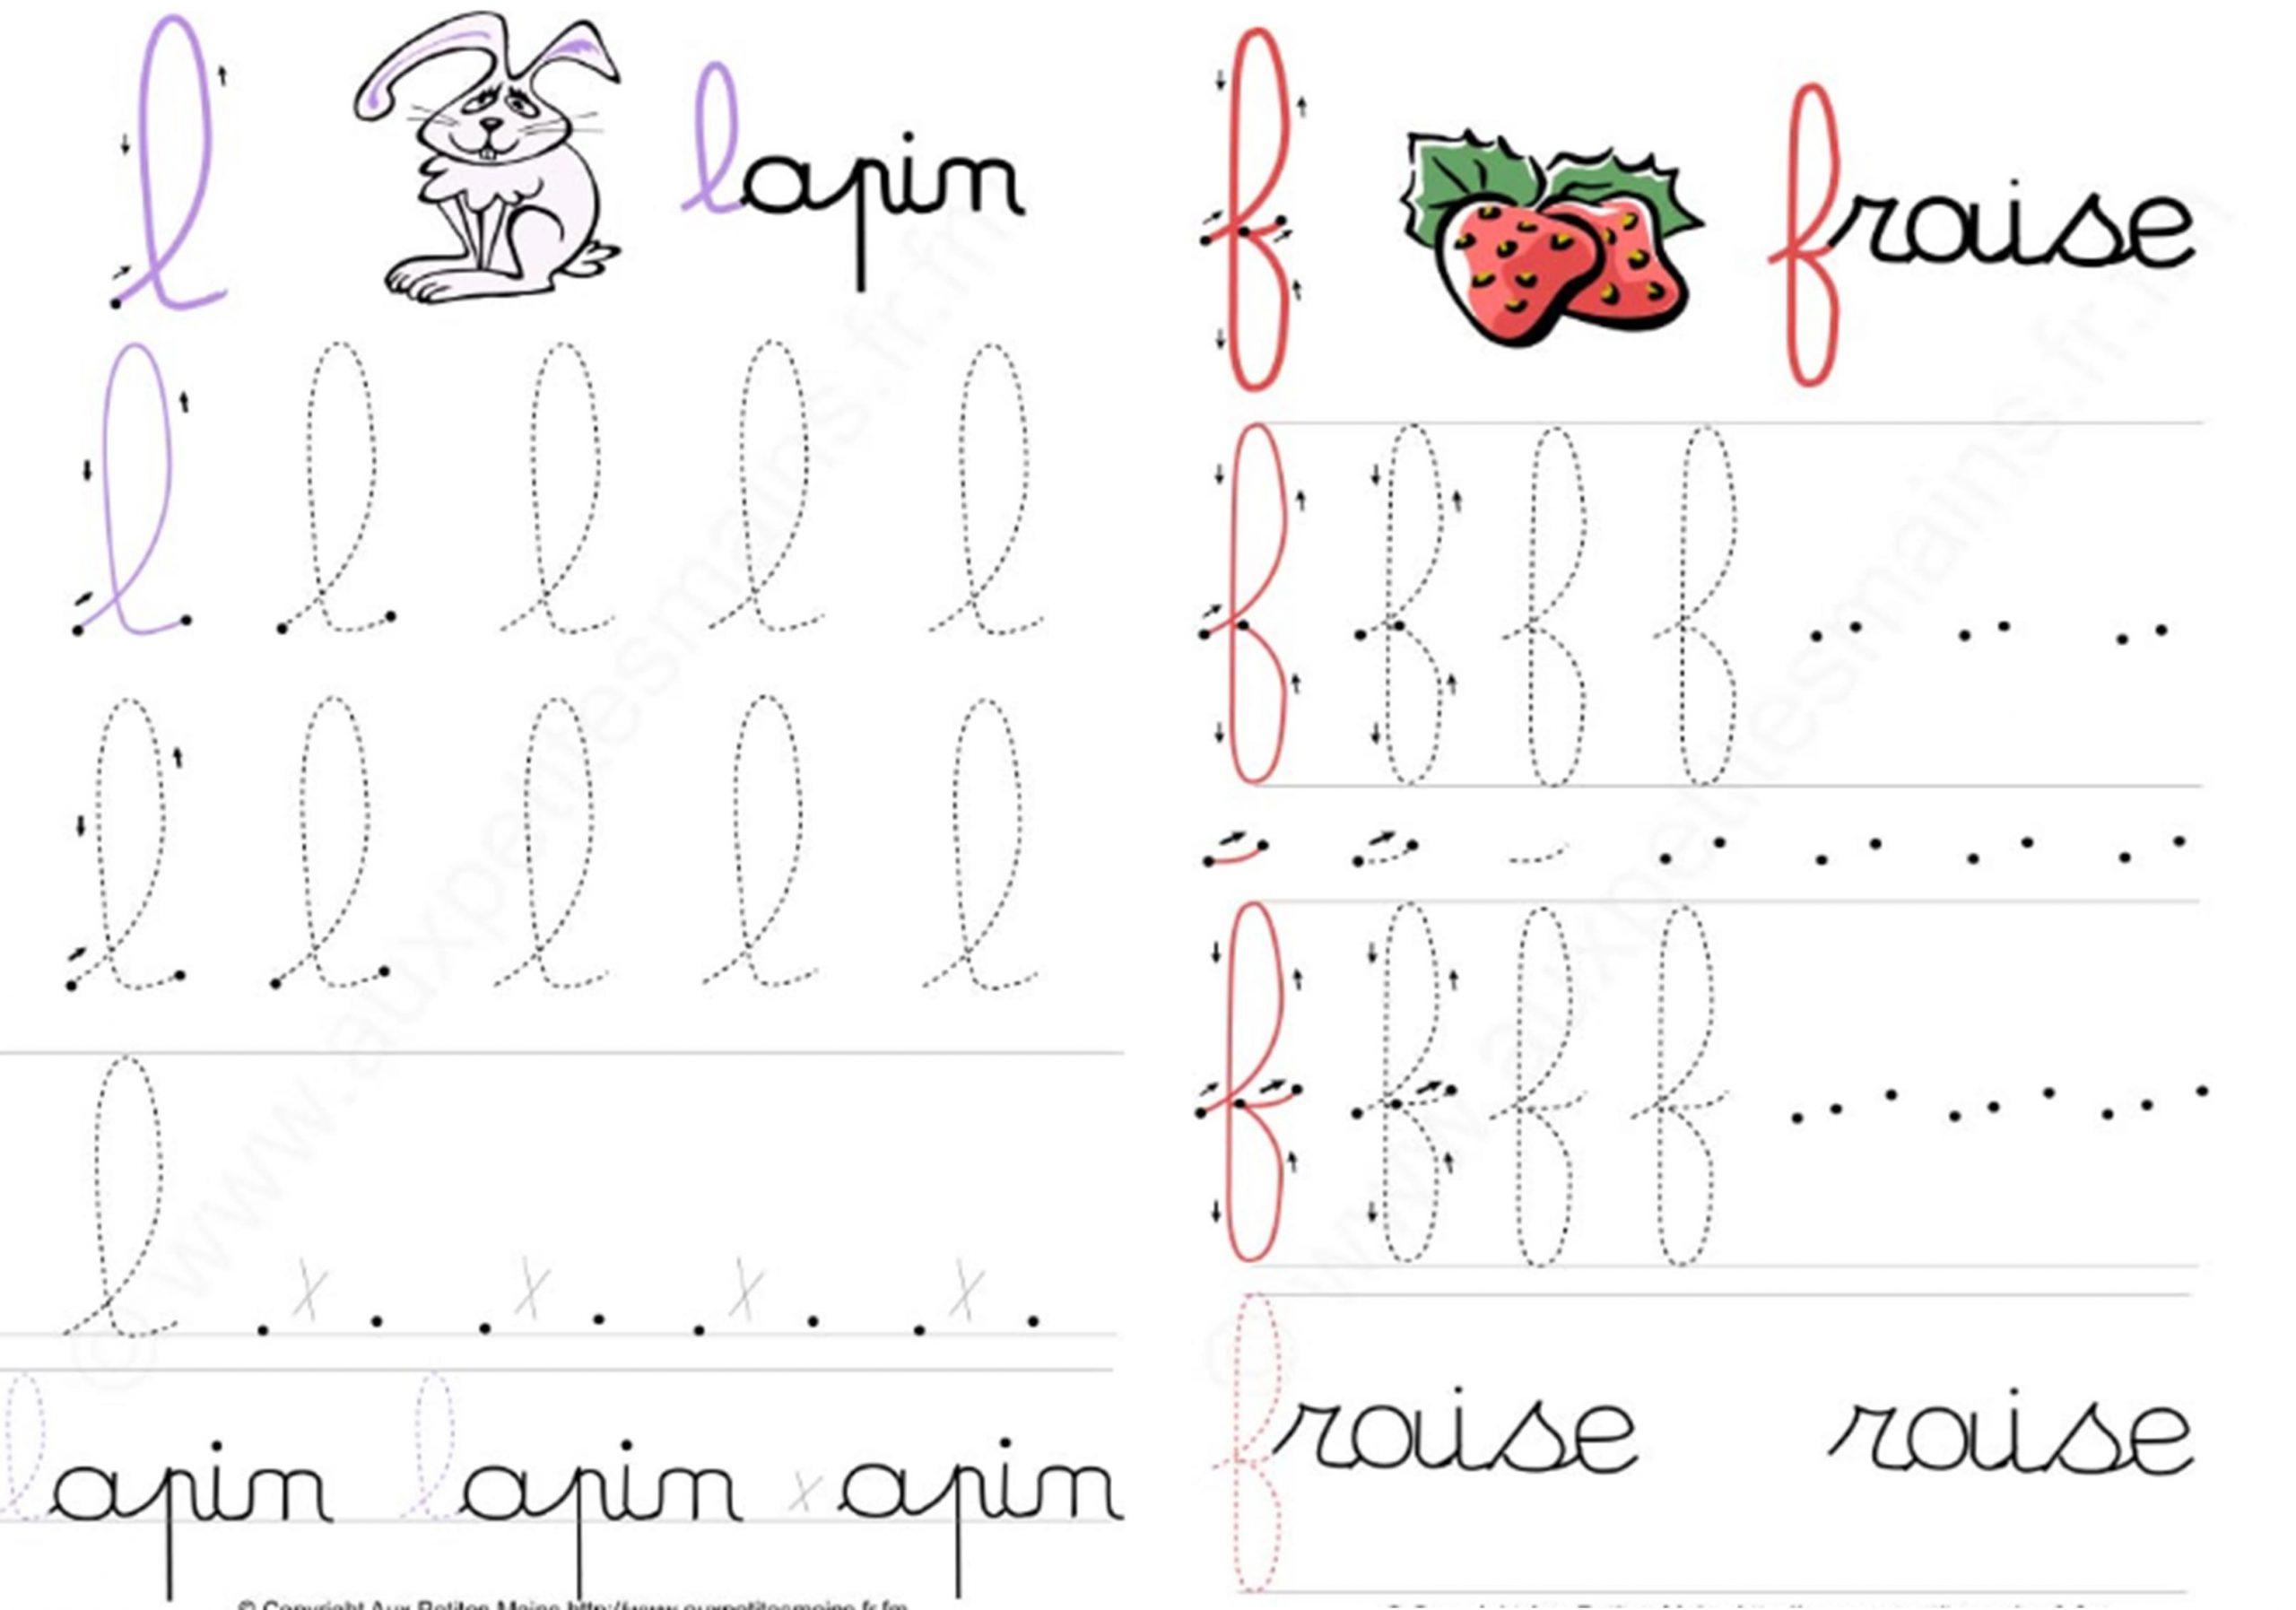 Fichier D'écriture Grande Section | Le Blog De Monsieur Mathieu encequiconcerne Graphisme Maternelle A Imprimer Gratuit